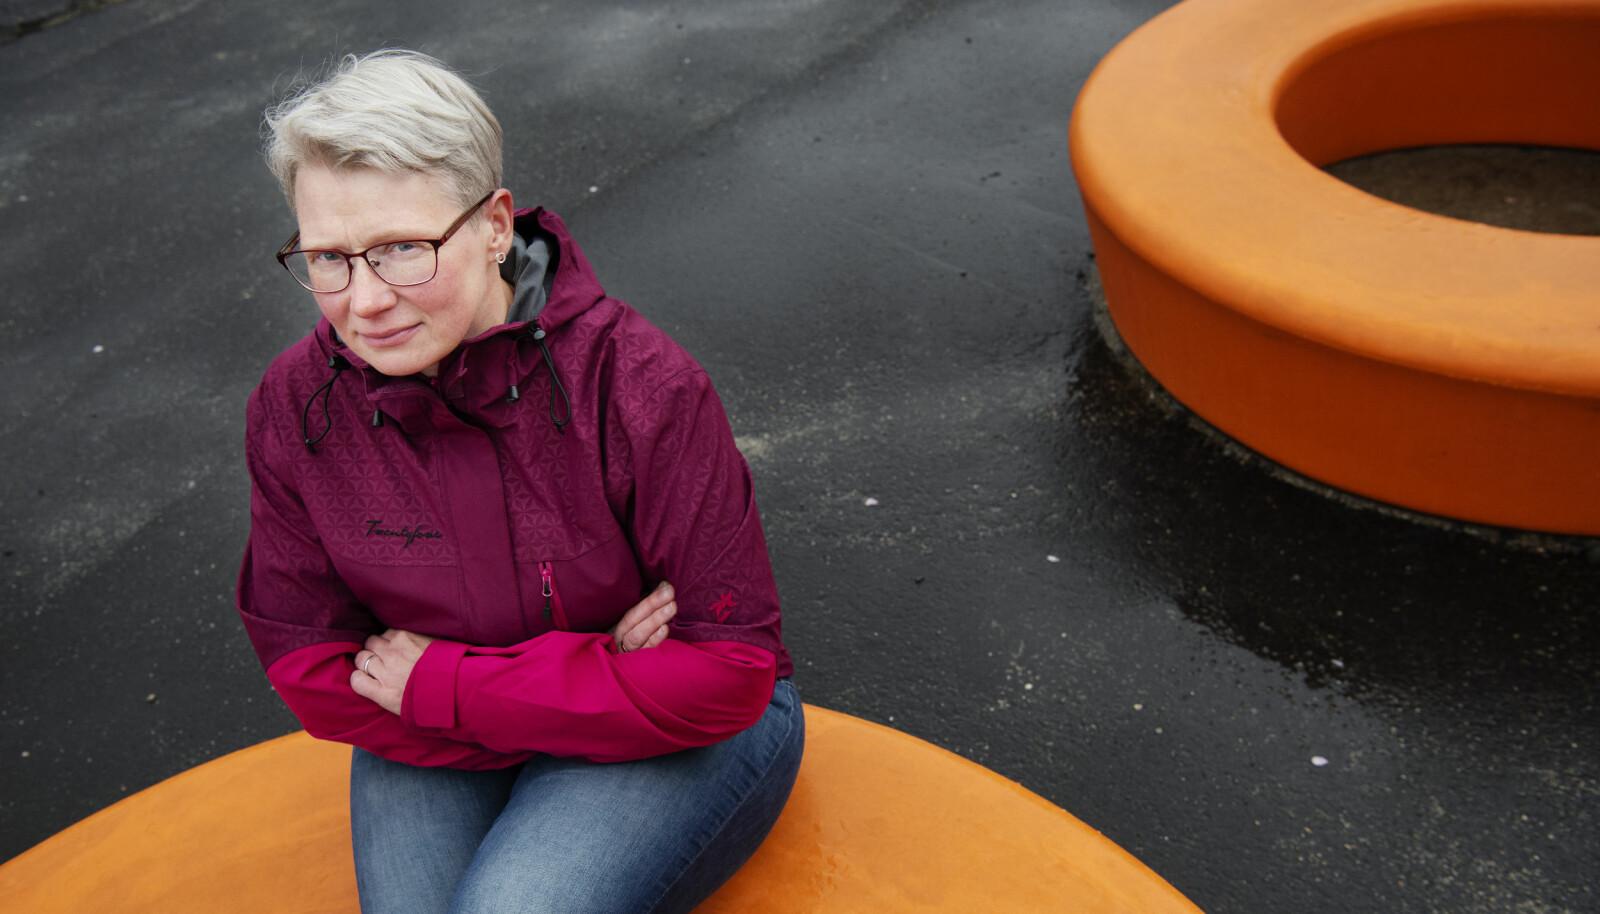 Christia Ylvisaker Olsen (45) klarte ikke å jobbe i barnehage de første årene etter gisseldramaet, men jobber i dag i en barnehage i Egersund. – Jeg ønsket meg tilbake til barnehagen. Den lå hjertet mitt nærmest, sier hun. FOTO: Marie von Krogh